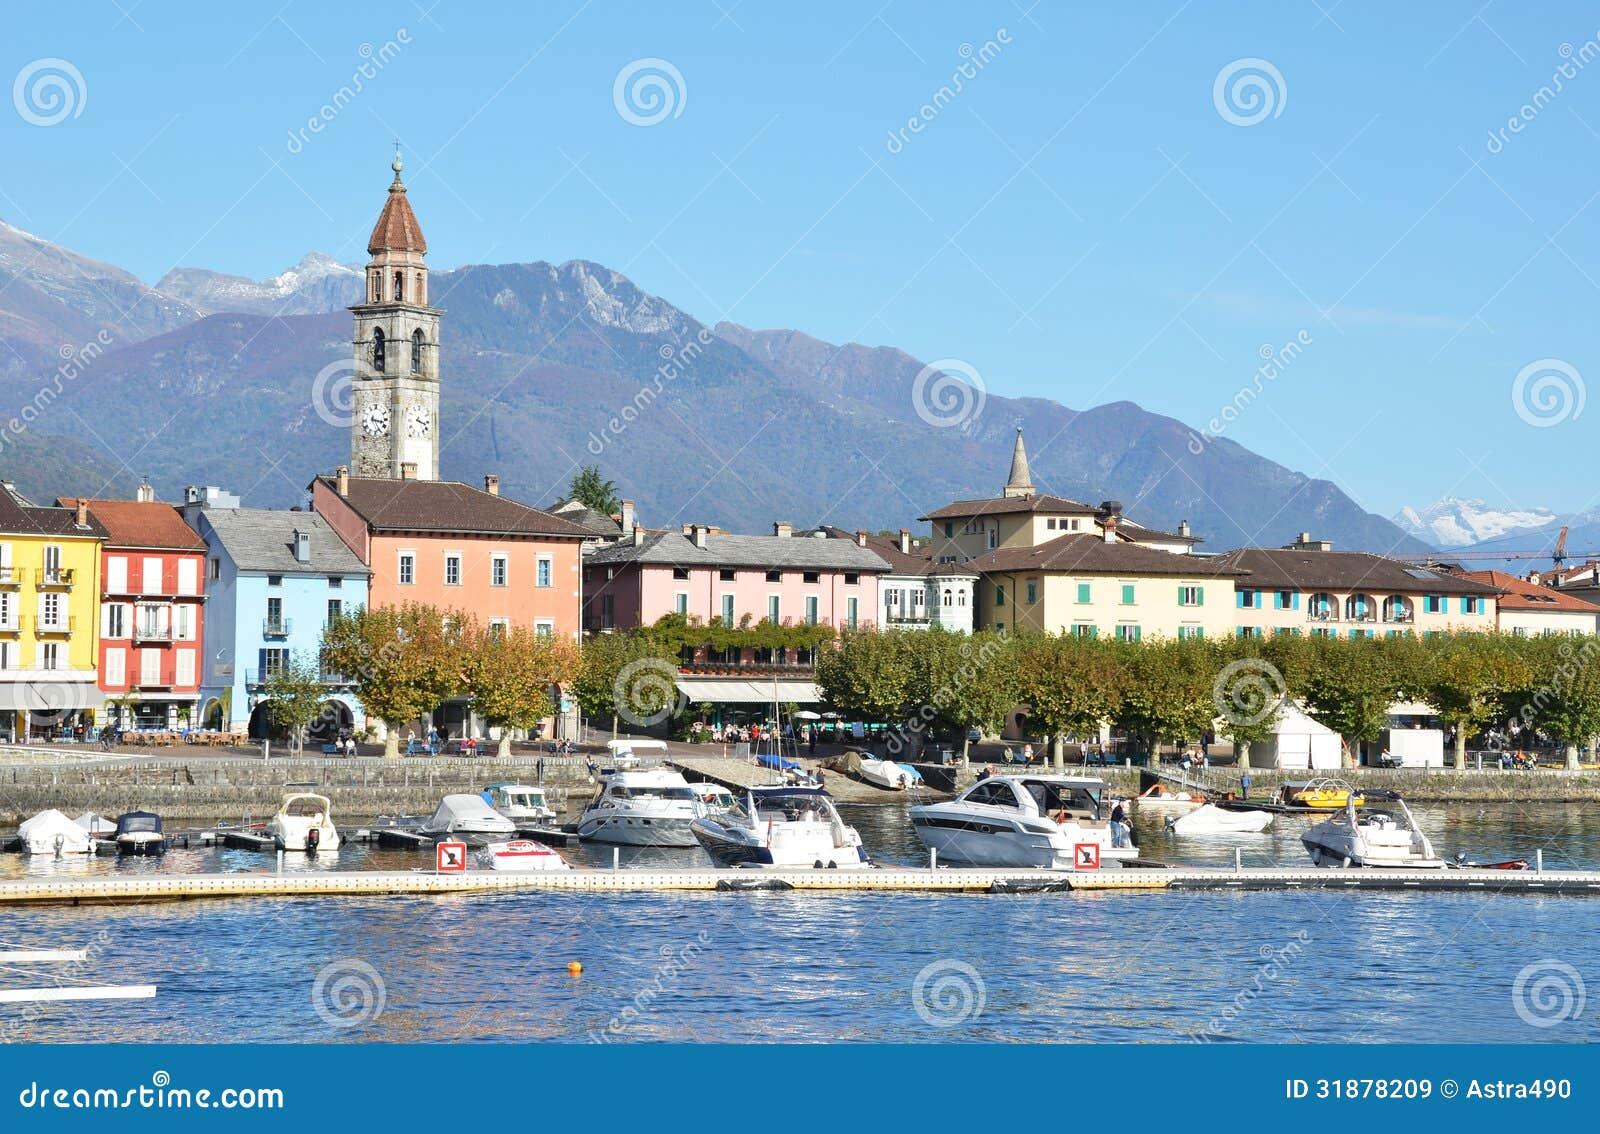 Ascona Switzerland  city images : Ascona, Switzerland Royalty Free Stock Images Image: 31878209